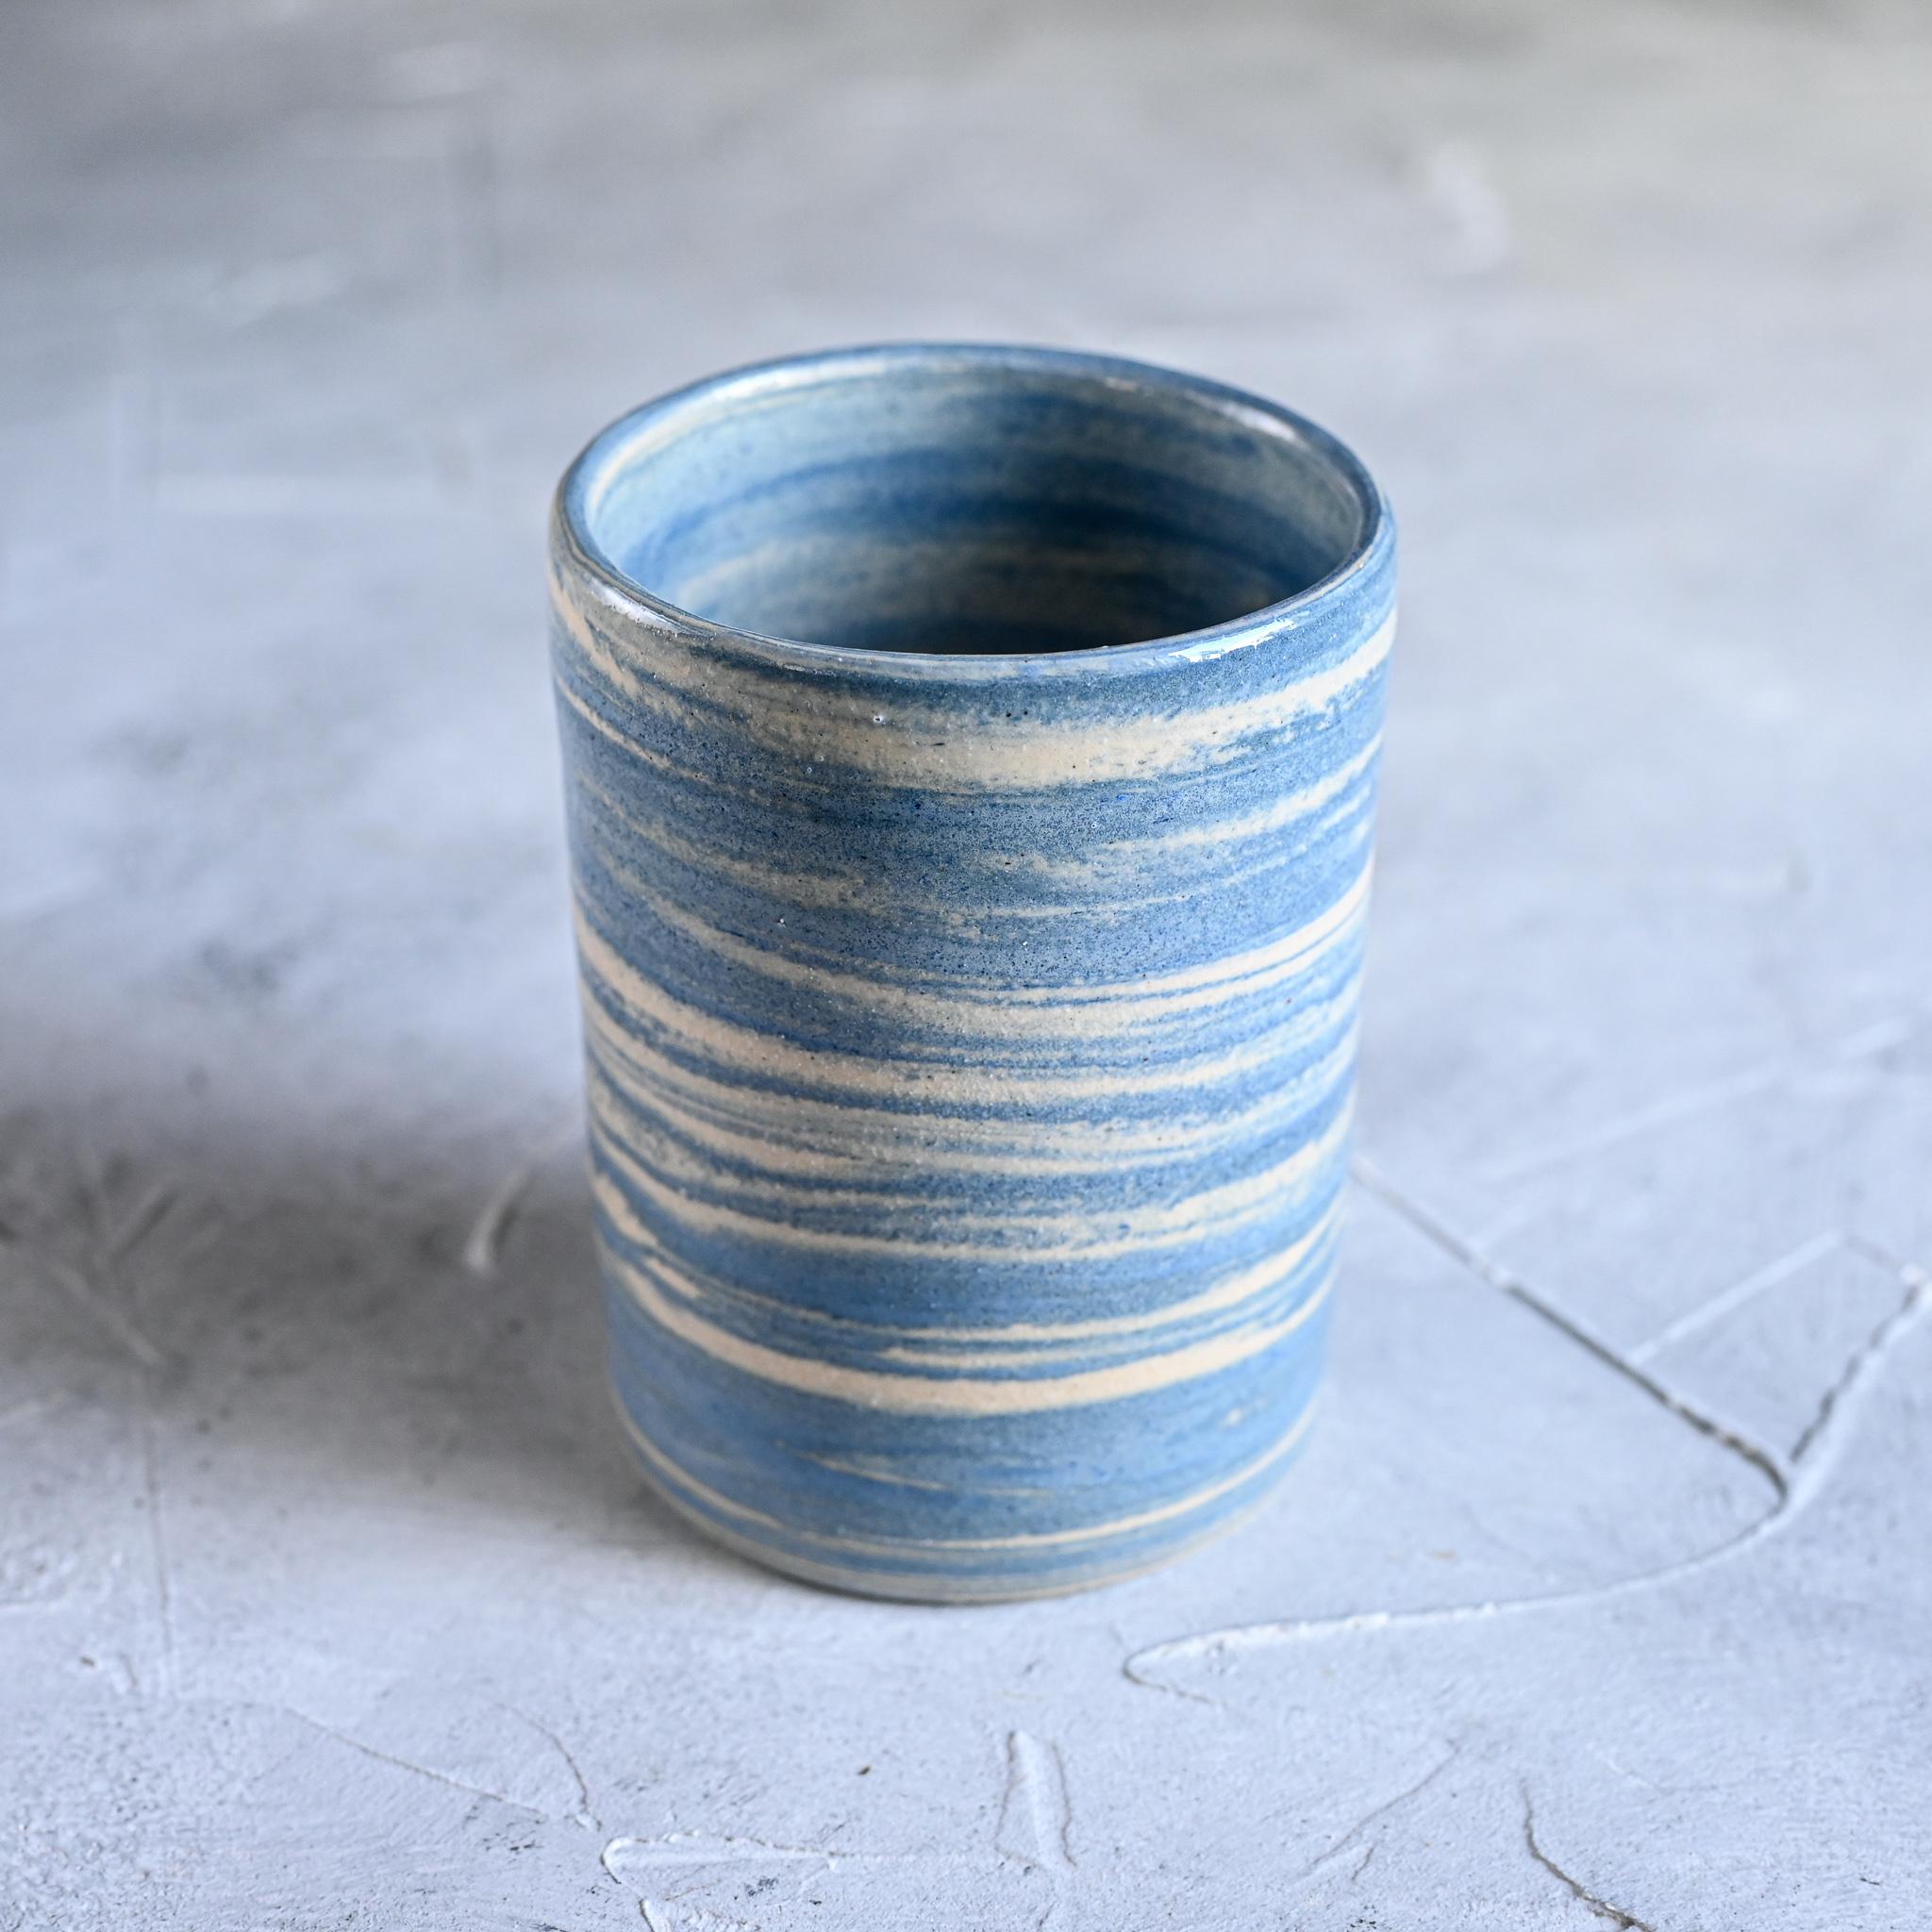 картинка Керамический стакан в технике нерияге 8 - DishWishes.Ru